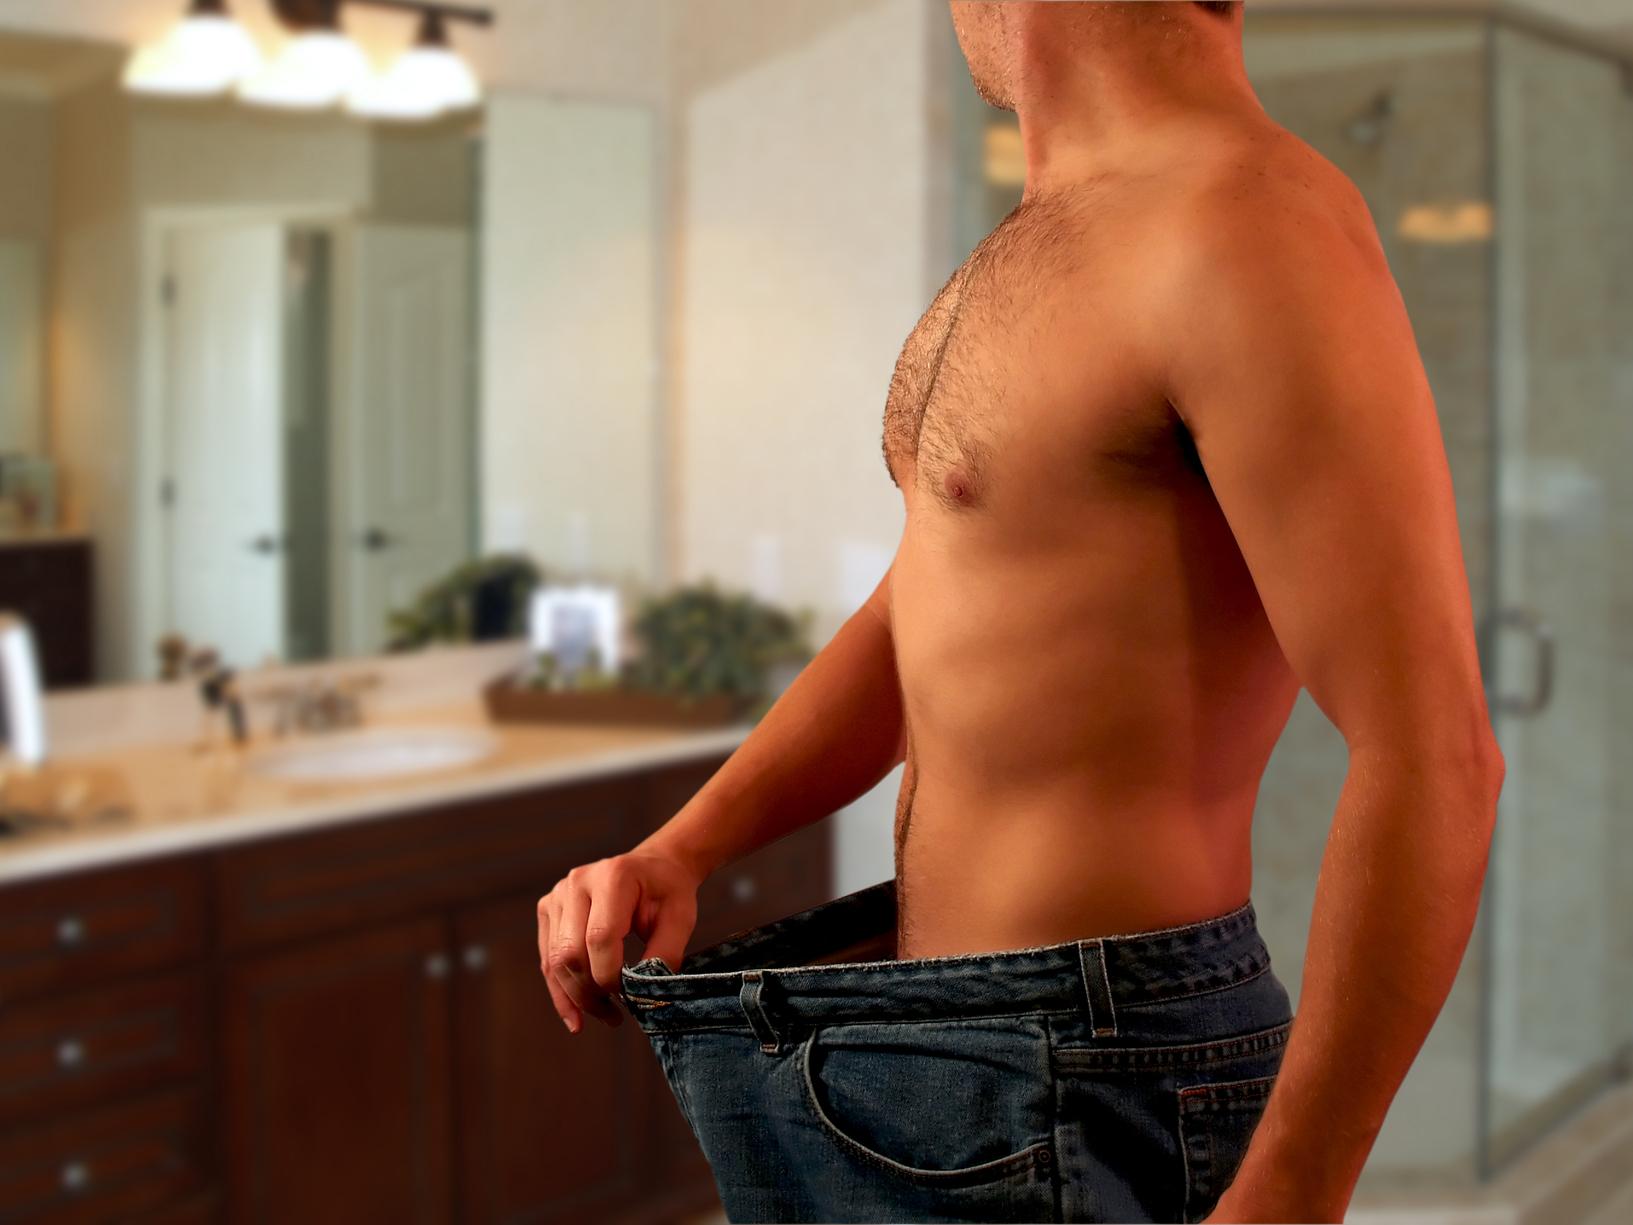 Лучший Способ Похудеть Мужчины.